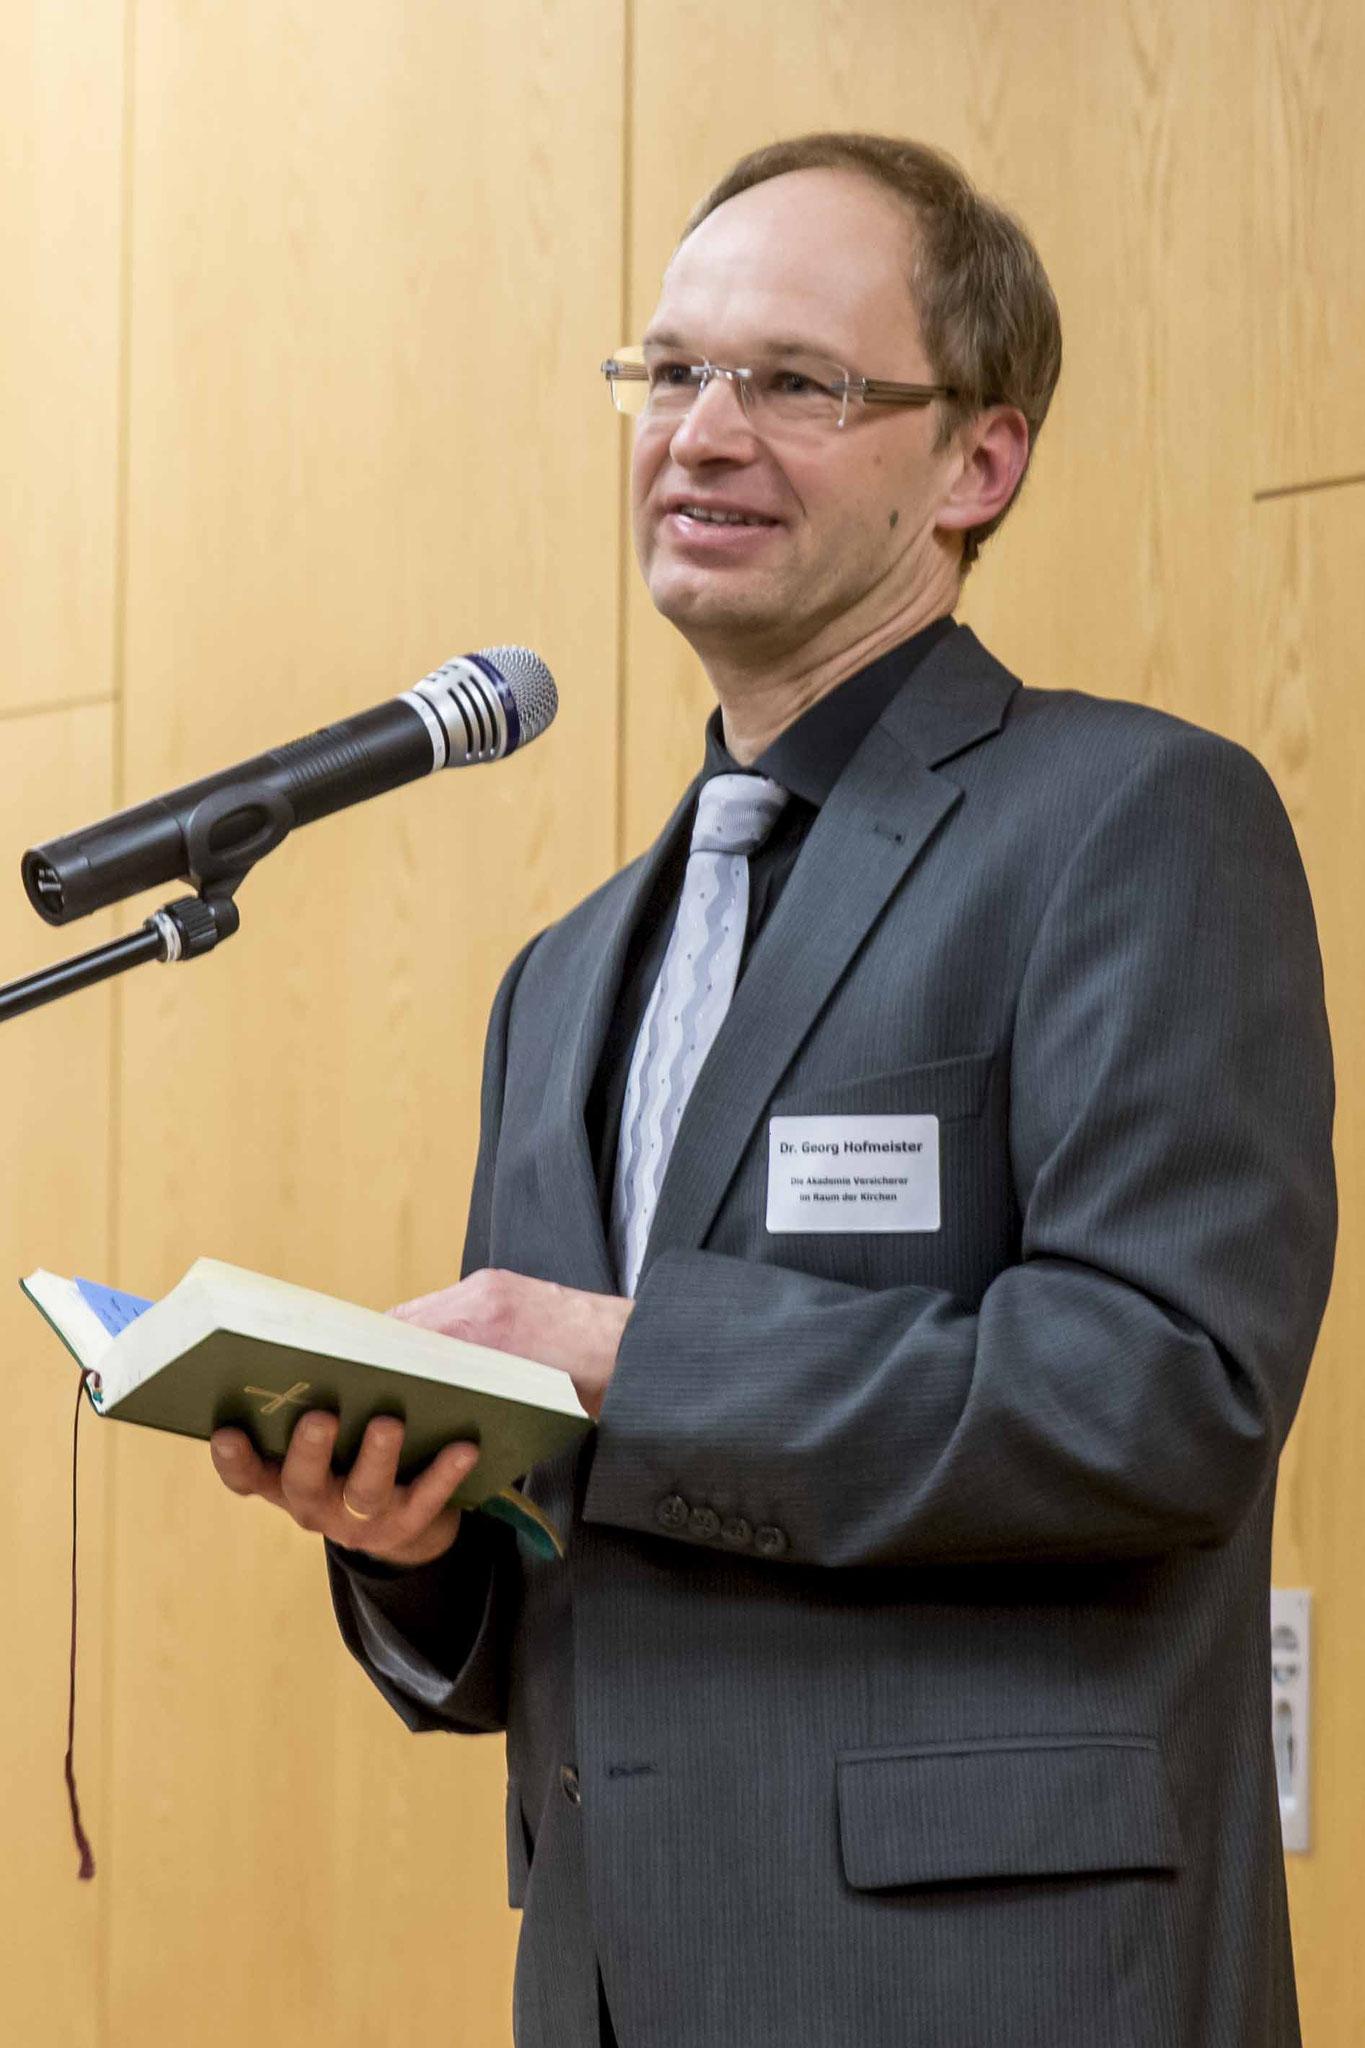 Pfr. Dr. Georg Hofmeister sprach den Lutherischen Abendsegen